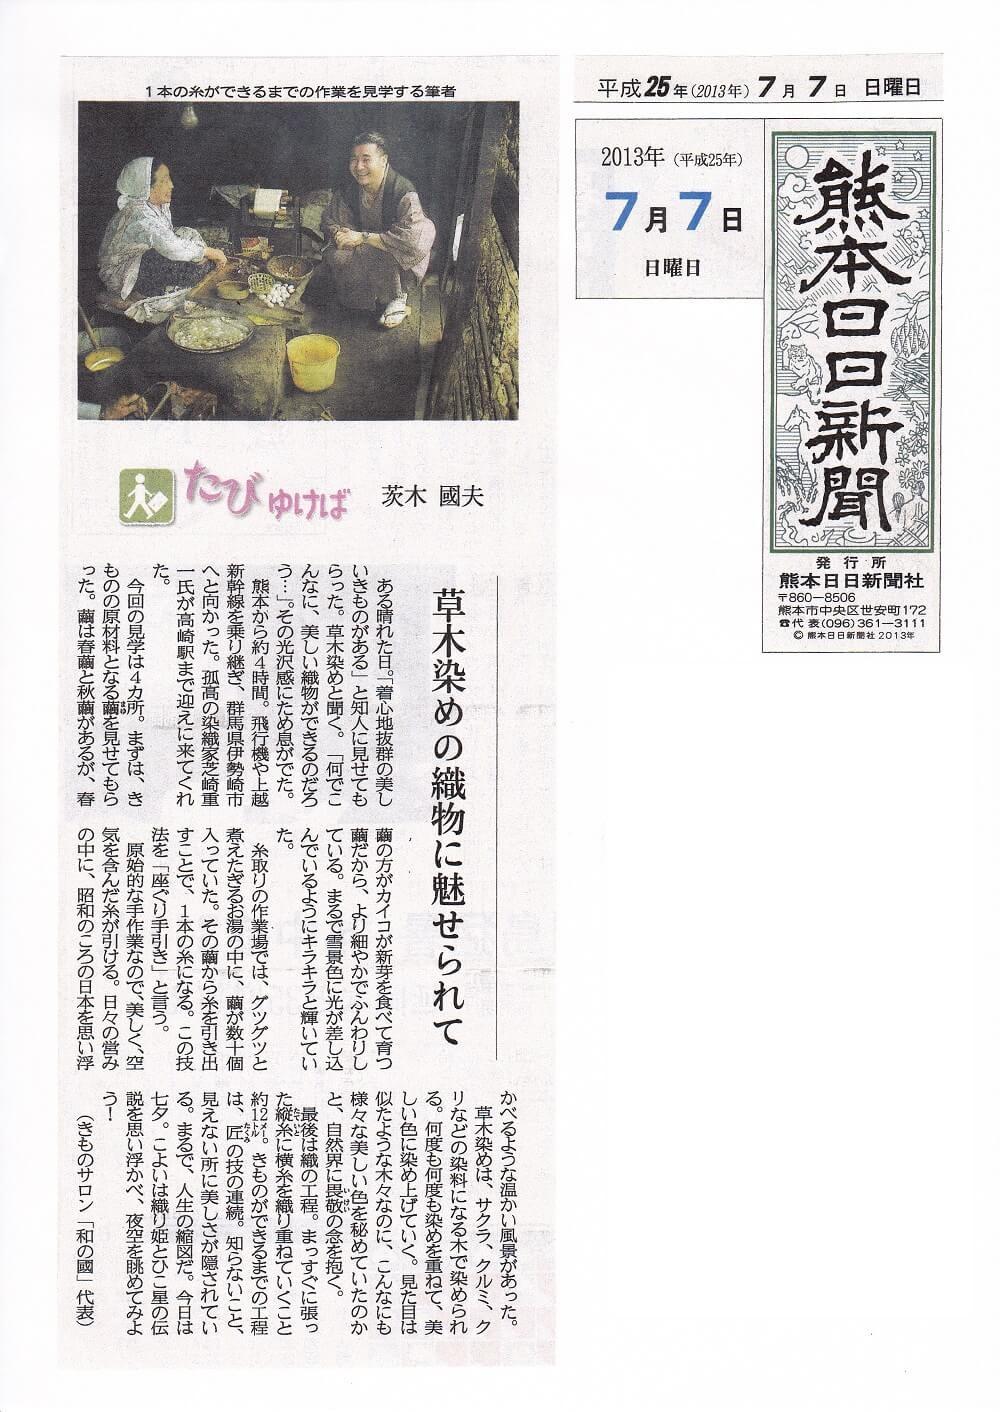 2013.0707 熊日たびゆけば